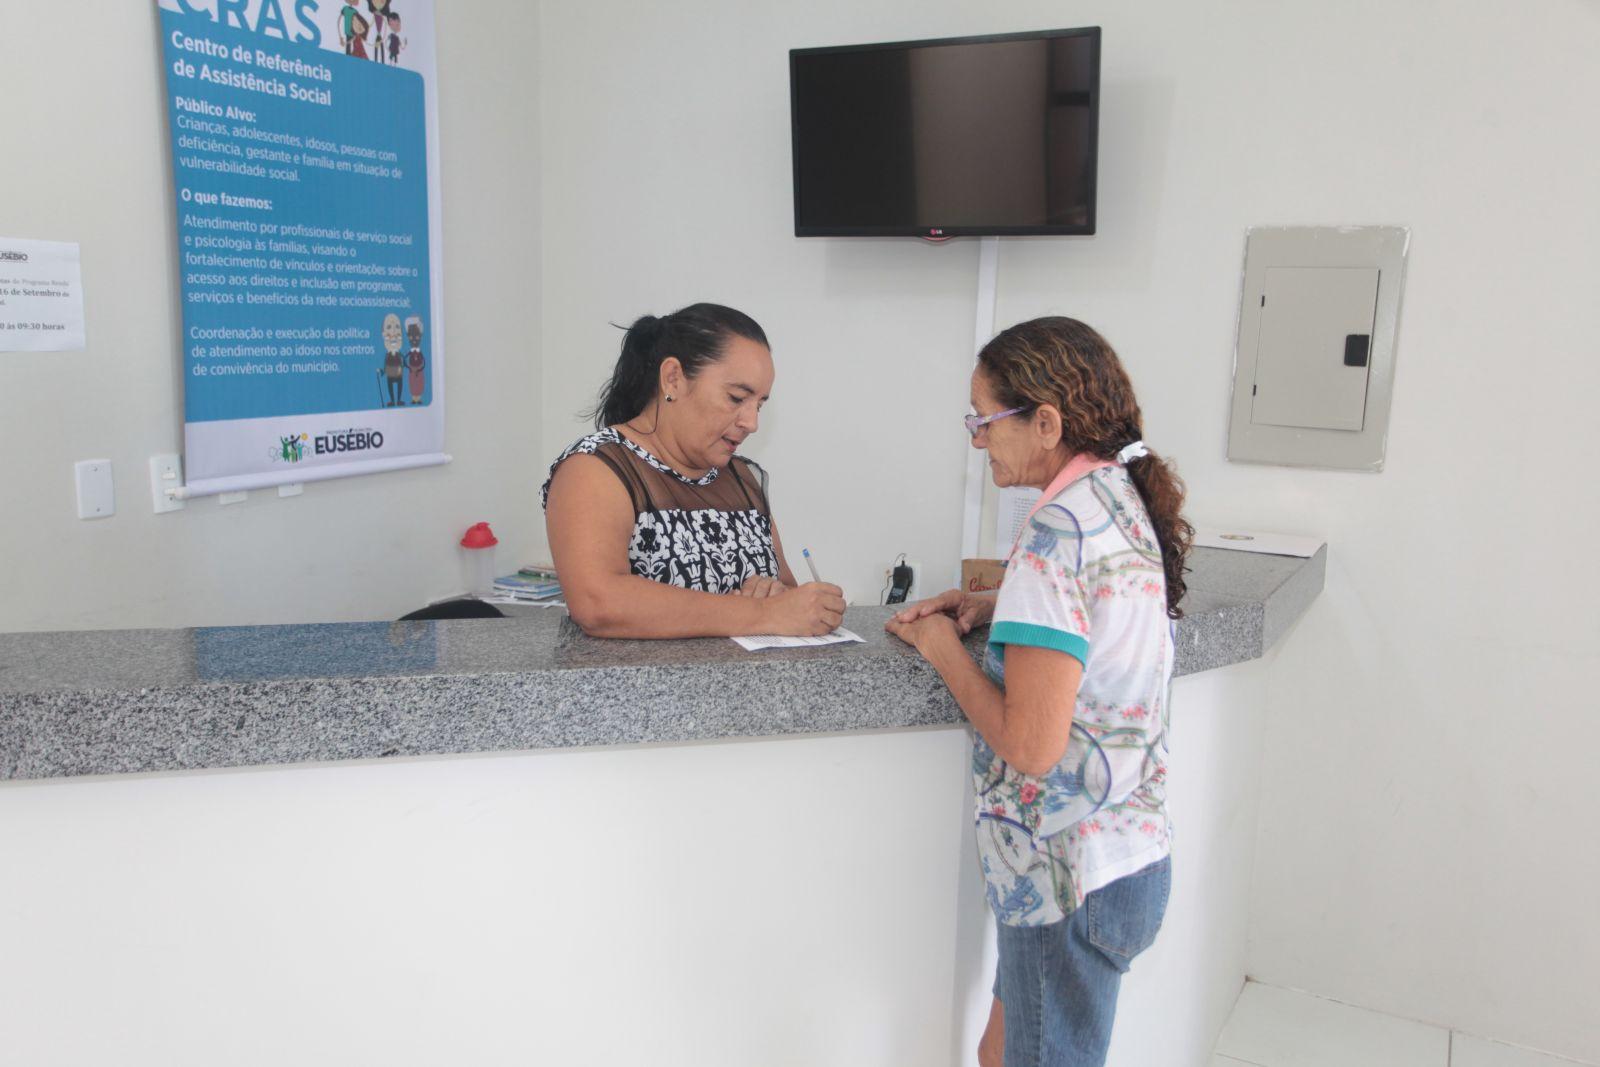 CRAS Sede atende população de 11 bairros de Eusébio